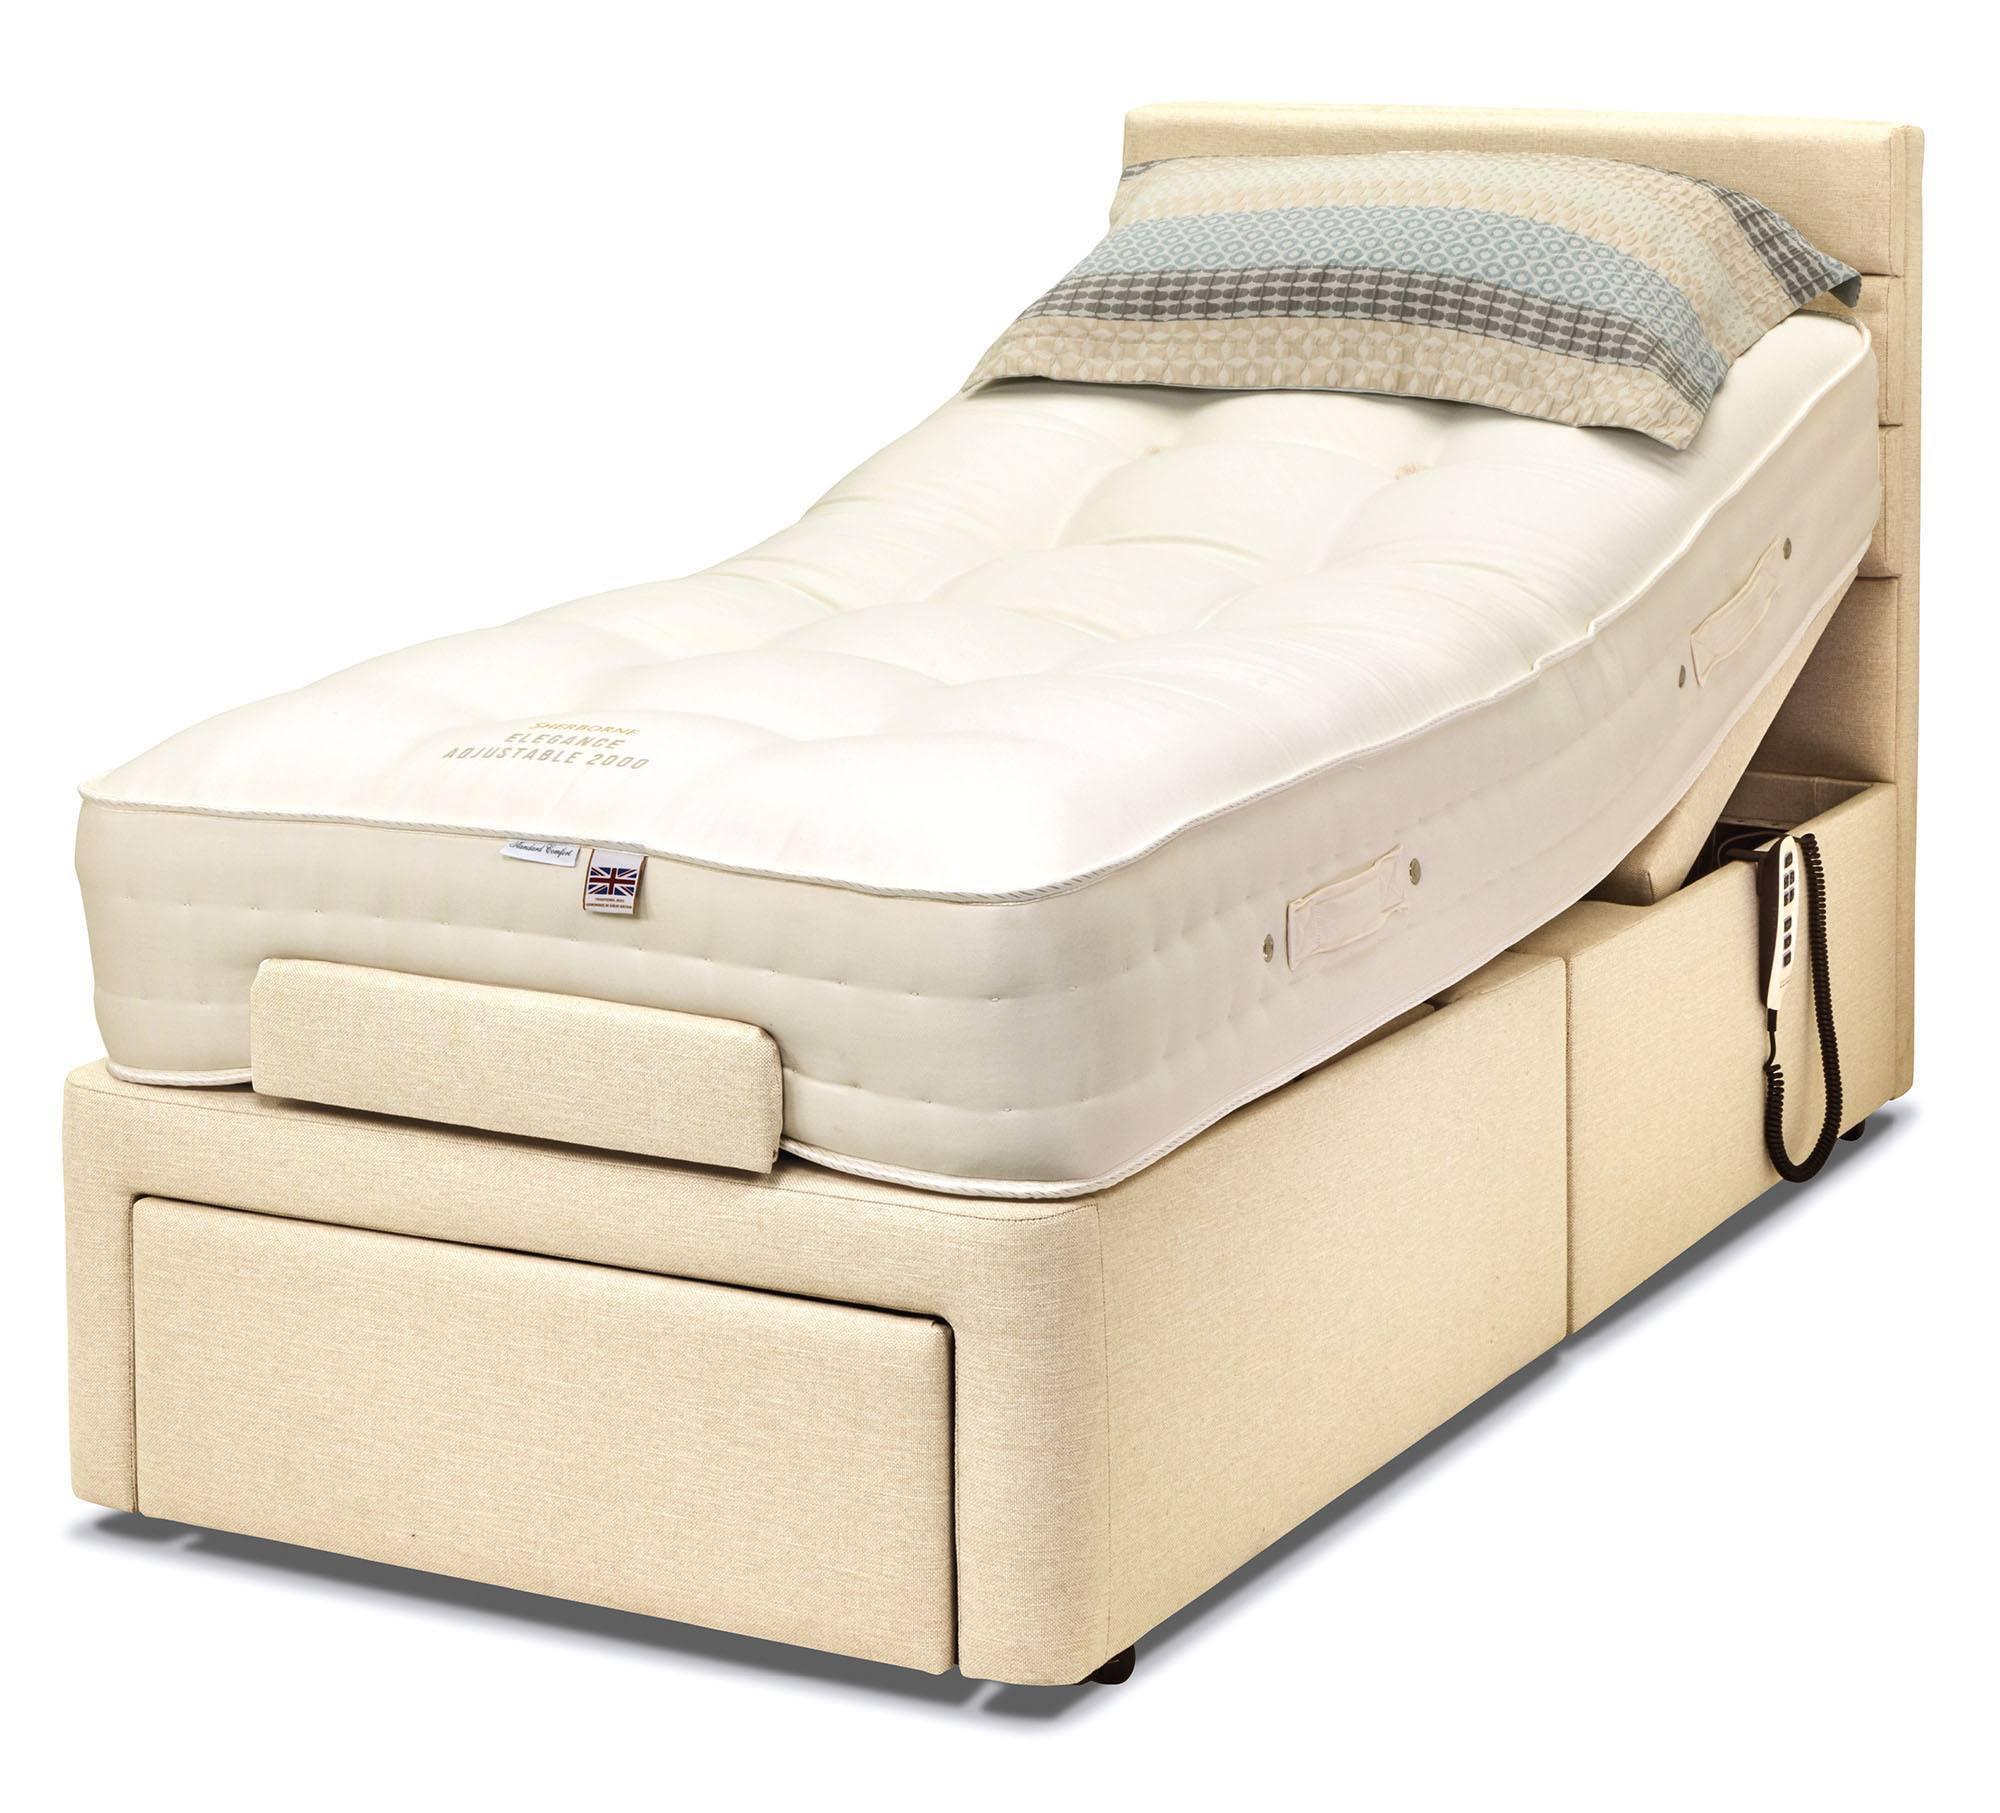 Sherborne Dorchester Kingsize 5' Fully Adjustable Bed